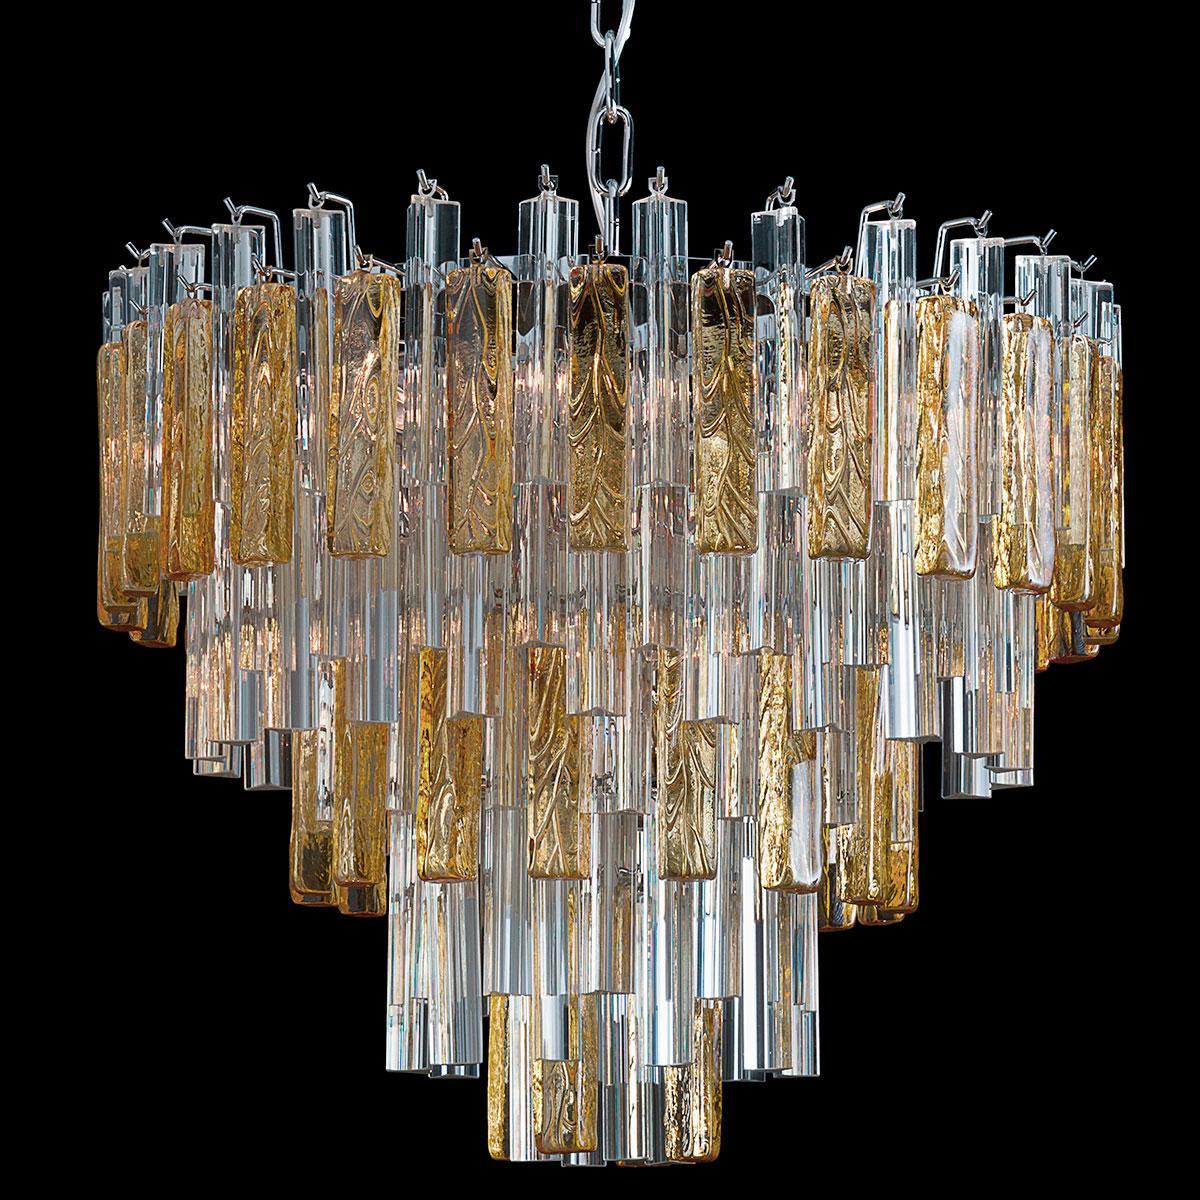 """""""Kylie"""" lampara de araña de Murano - 9 luces - transparente y ámbar"""